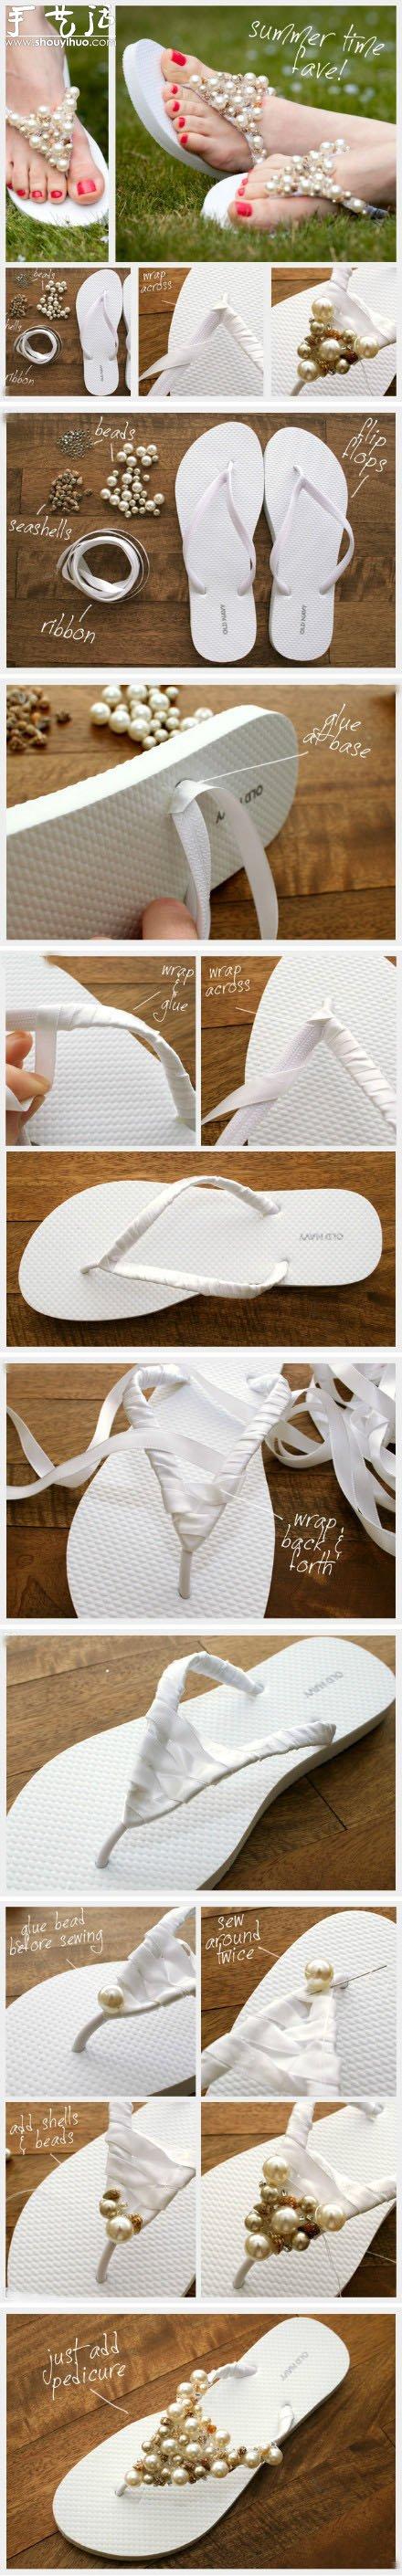 串珠編織女生拖鞋的圖解教程